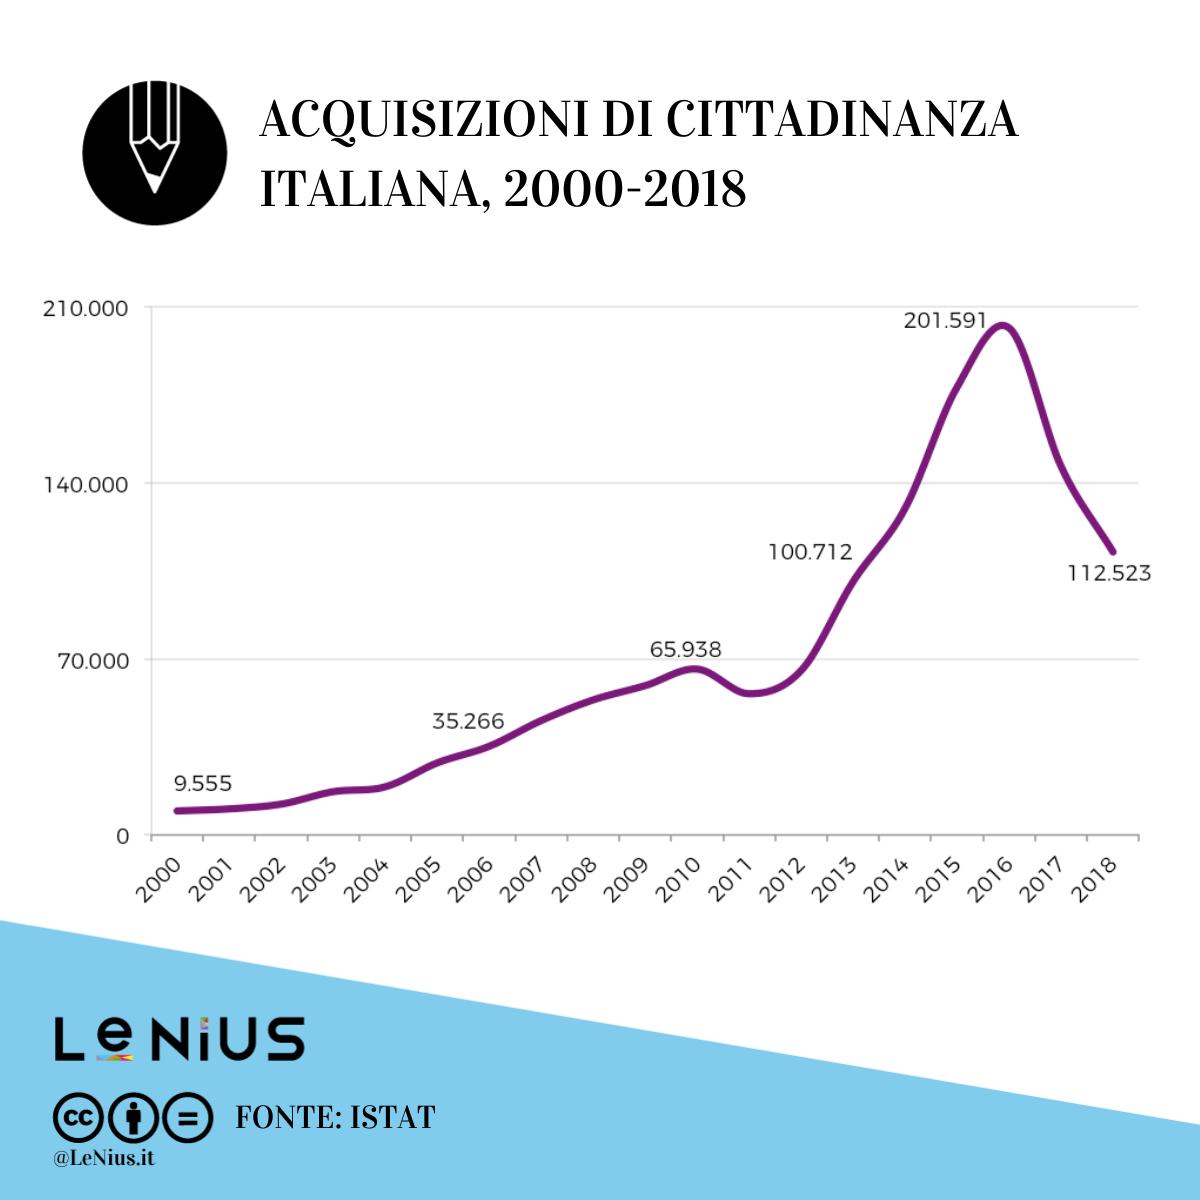 acquisizioni cittadinanza italia storia